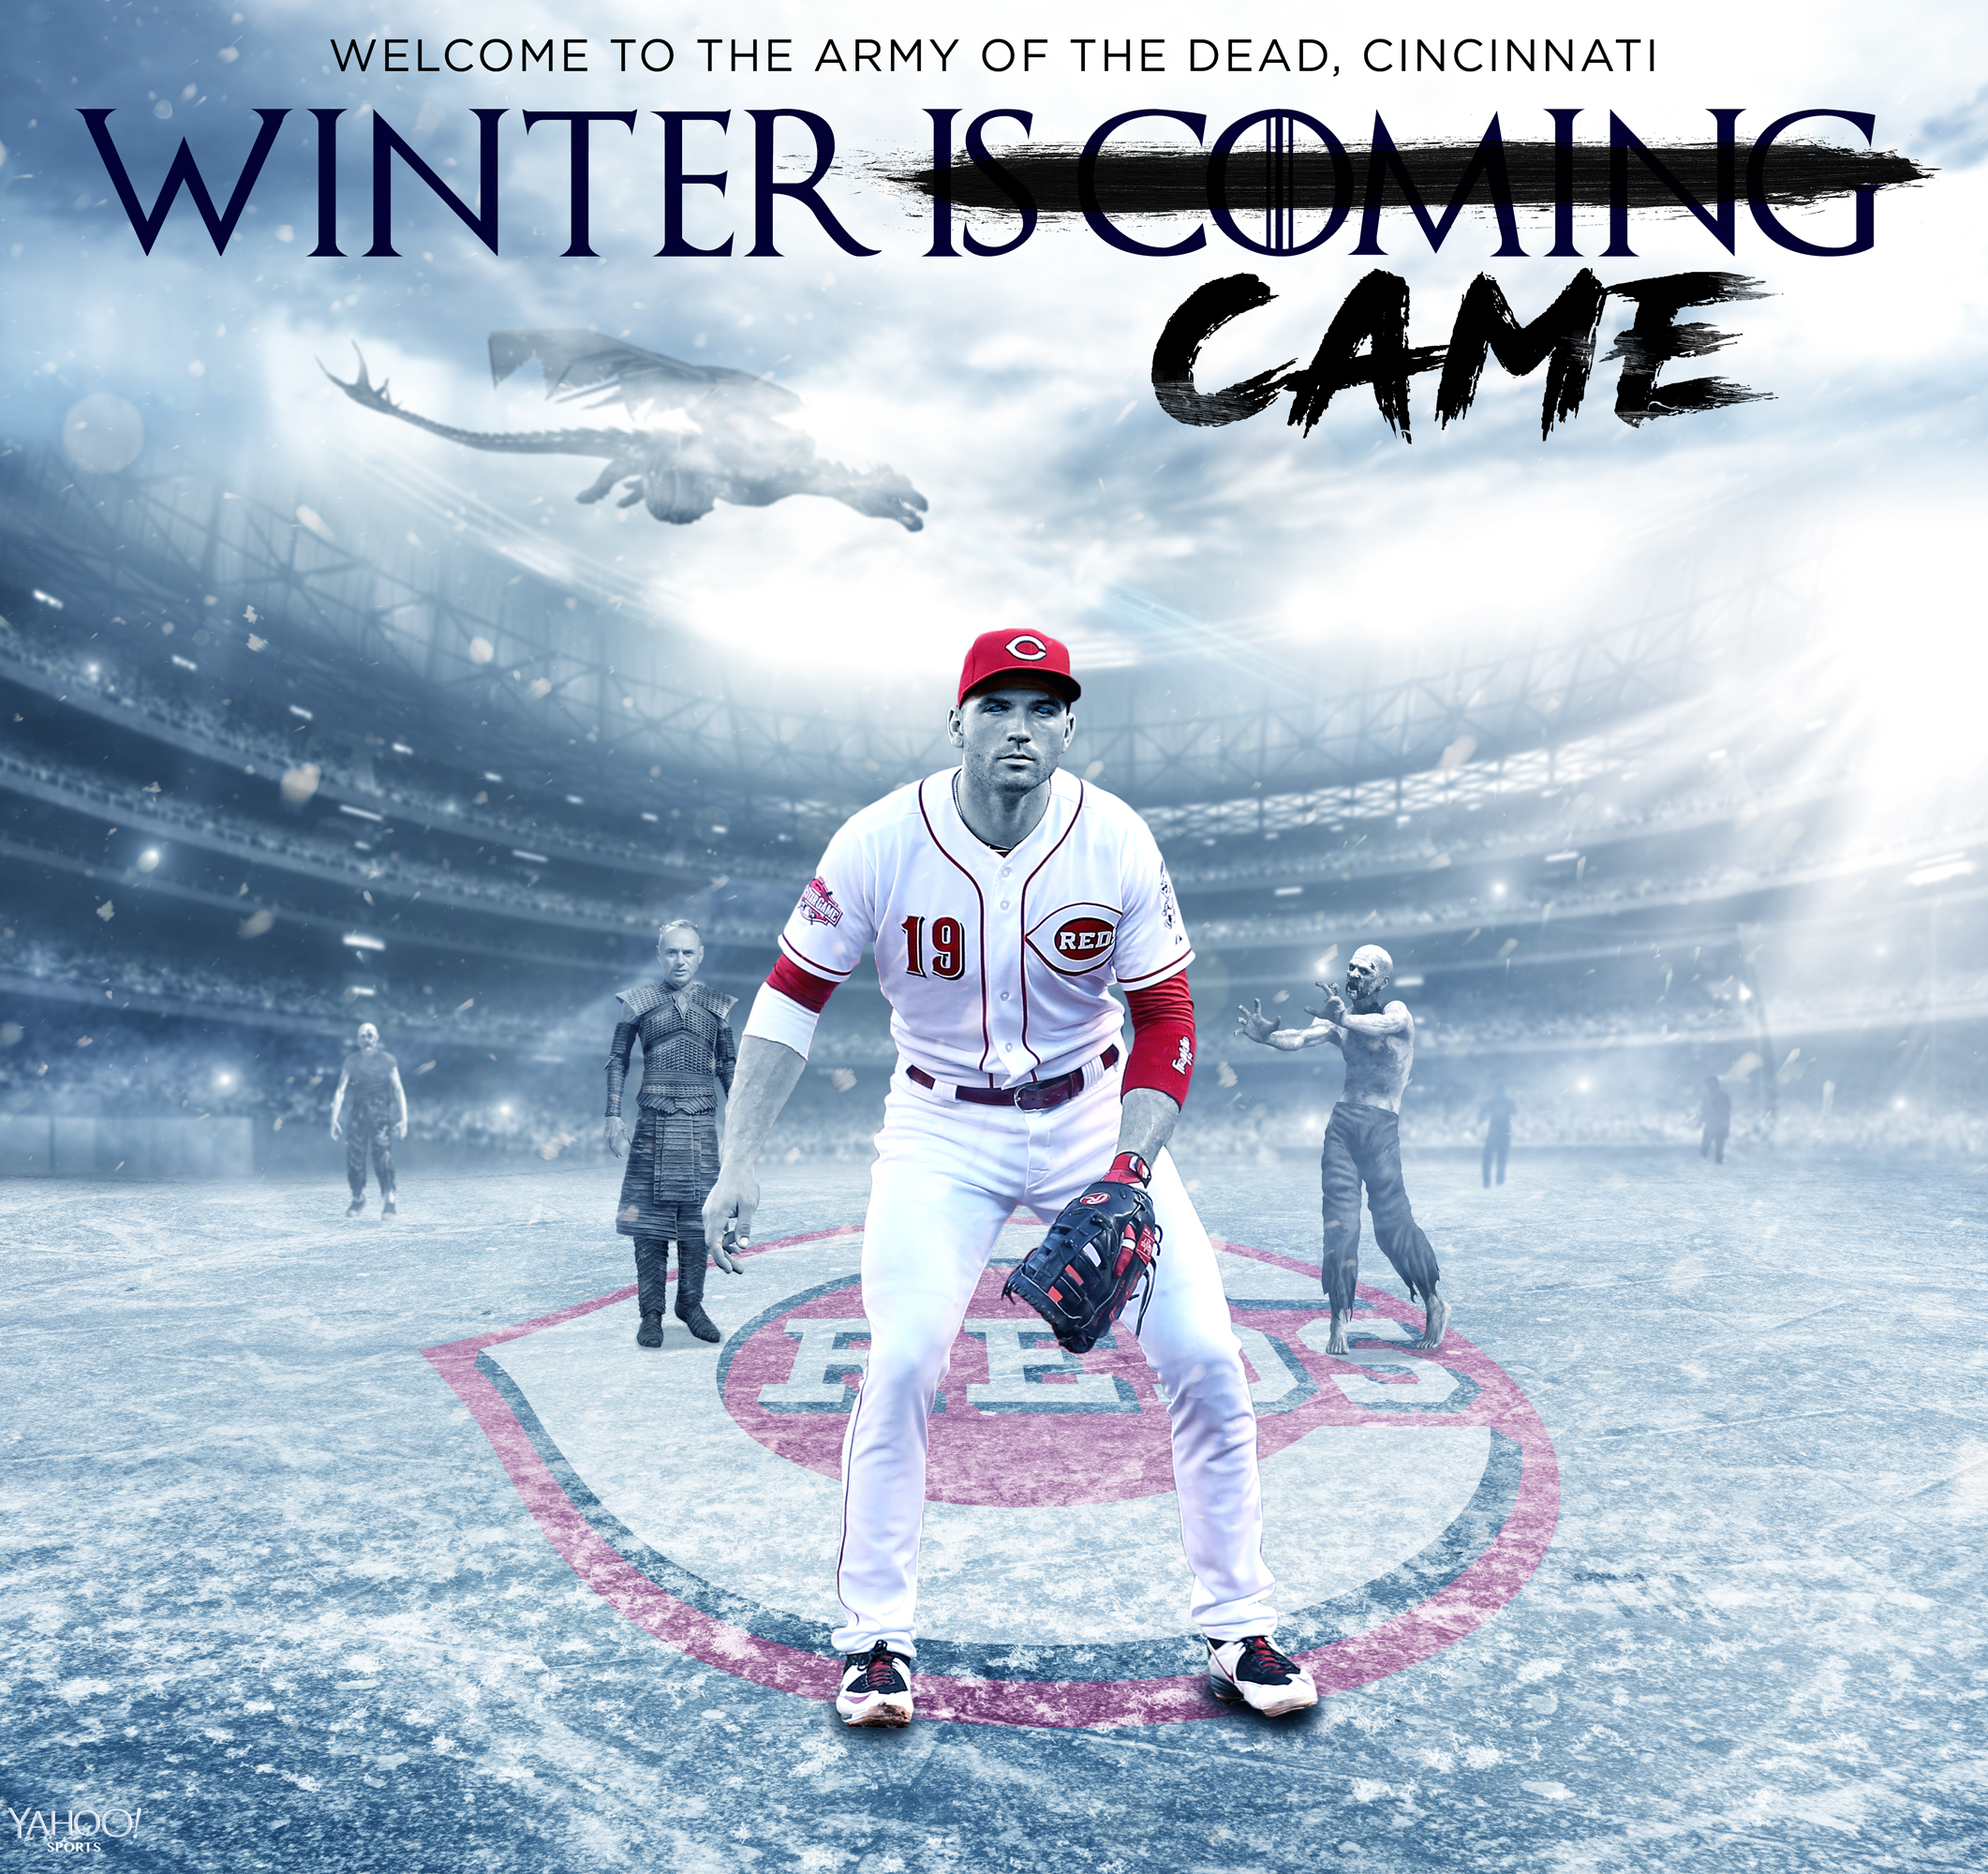 Winter Came: The 2017 Cincinnati Reds